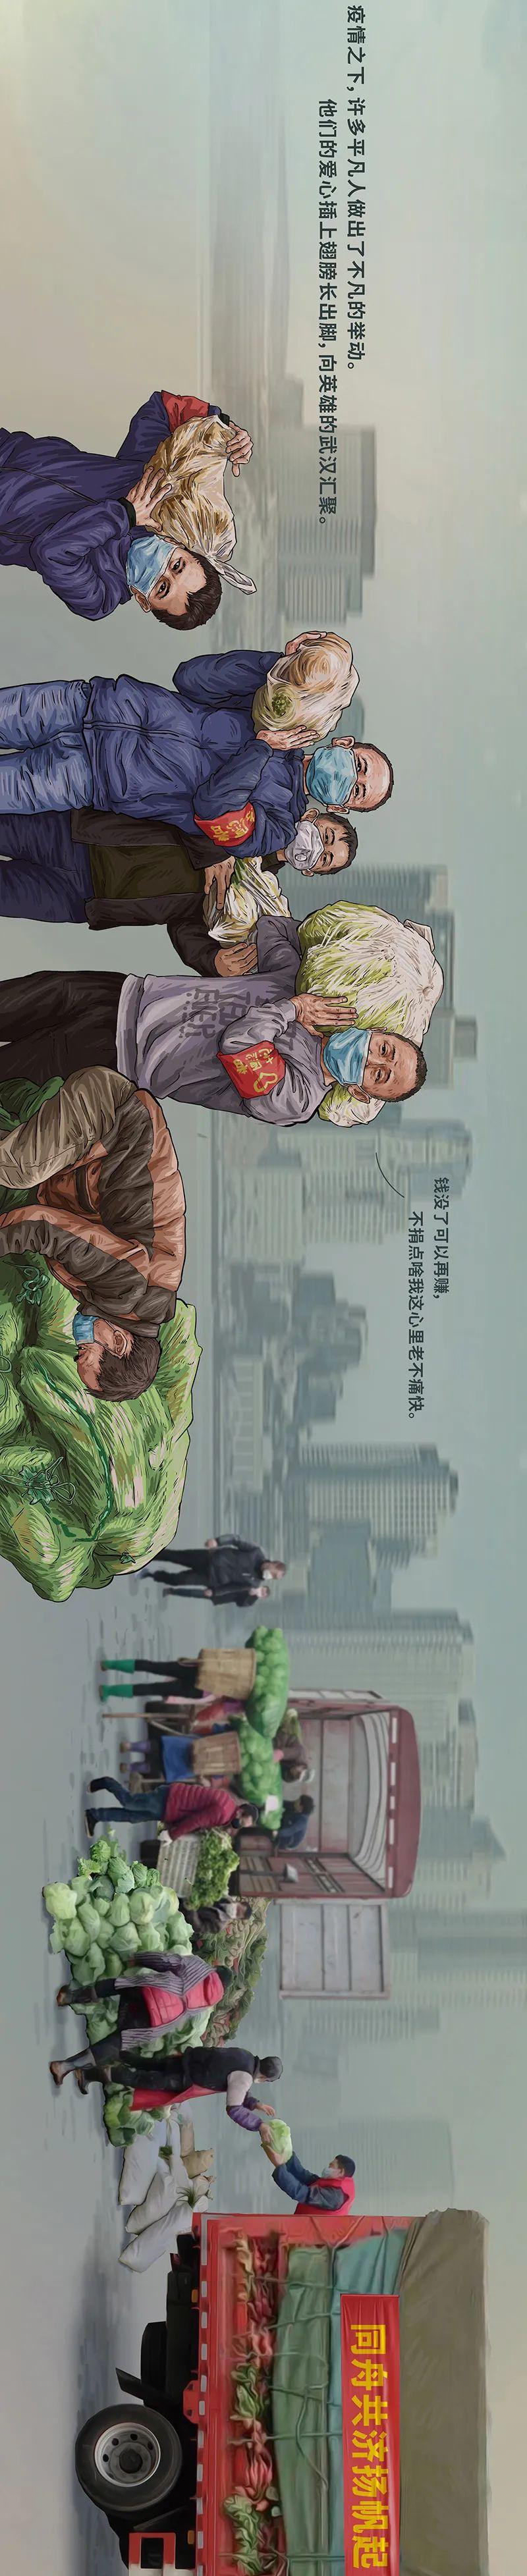 人民日报公布1张图片,感动国人!插图13